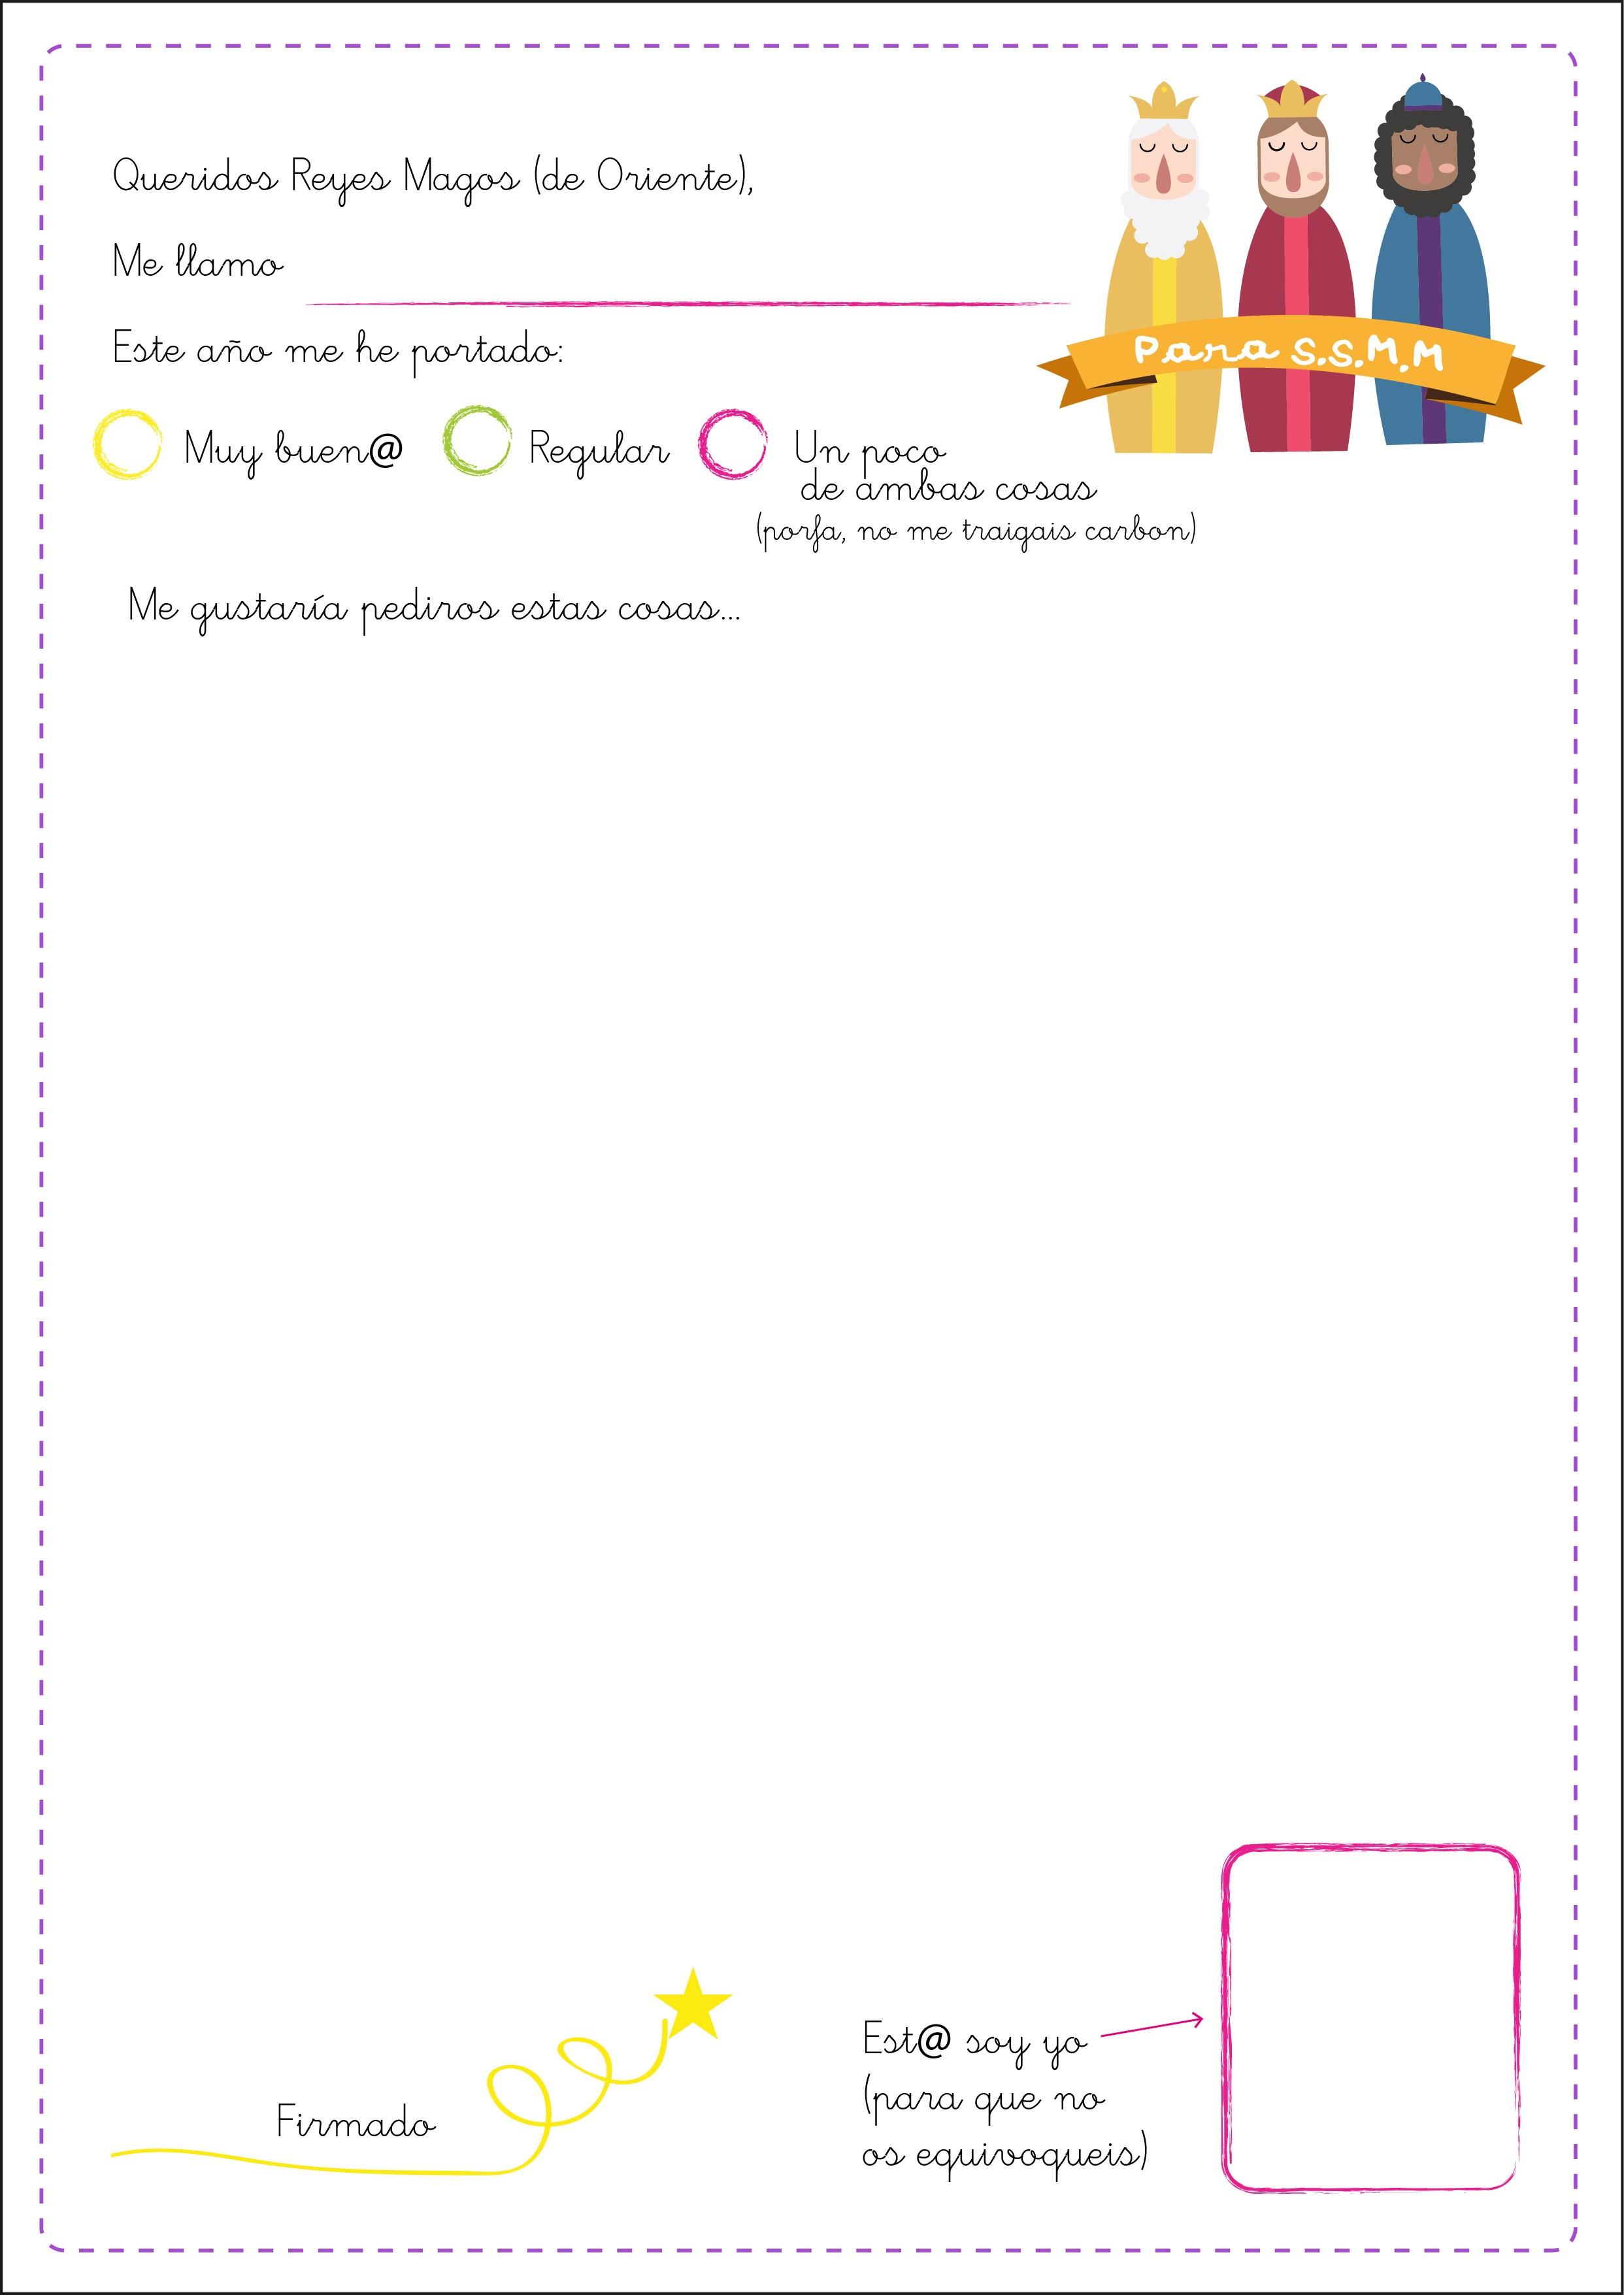 Calendario Blanco 2019 Para Imprimir Más Actual Más De 50 Cartas Para Enviar A Los Reyes Para Imprimir Y Descargar